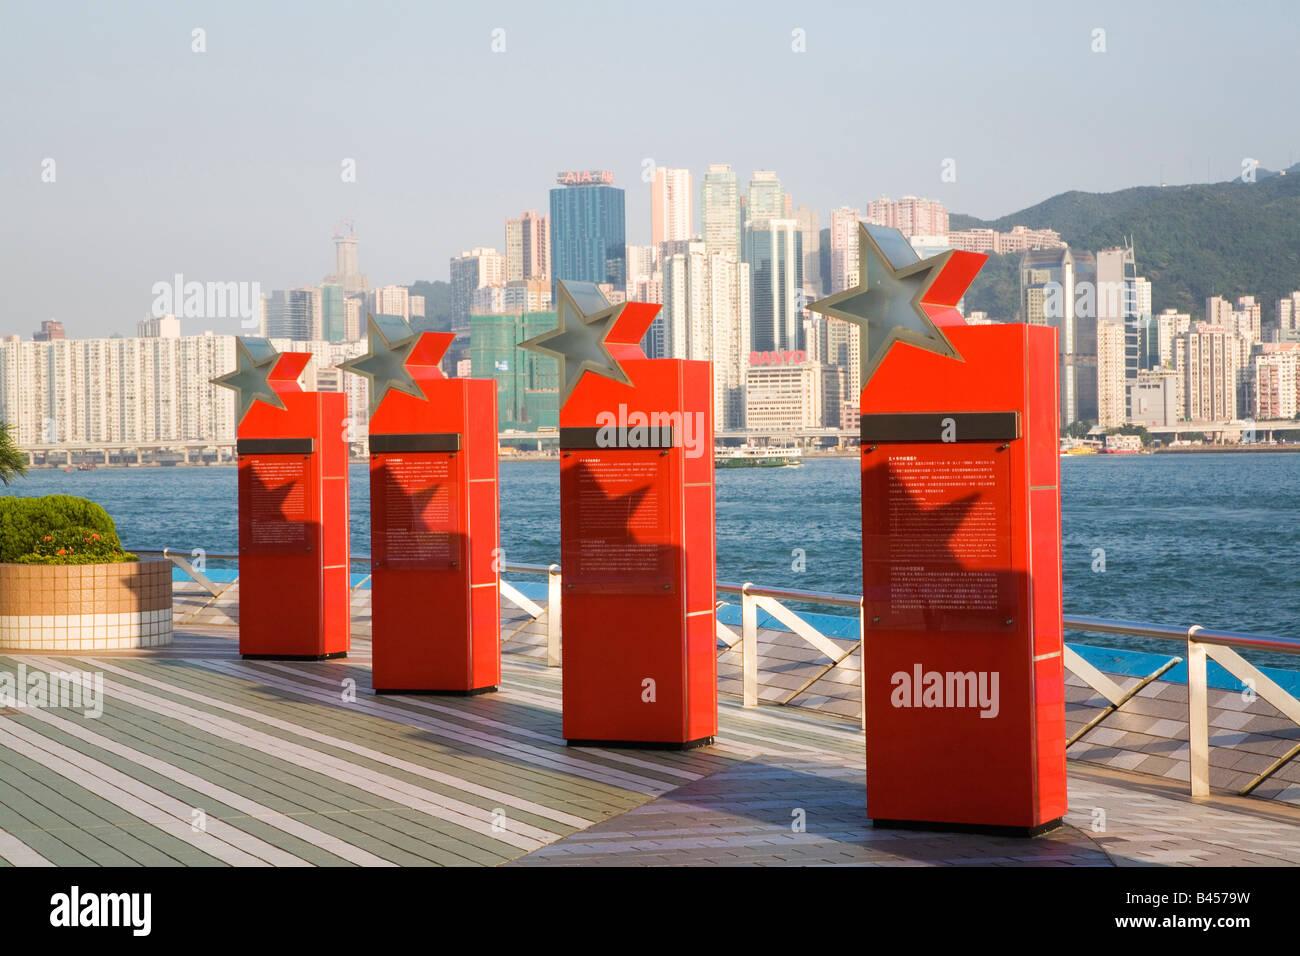 China, Hong Kong, Kowloon, The Avenue of Stars - Stock Image